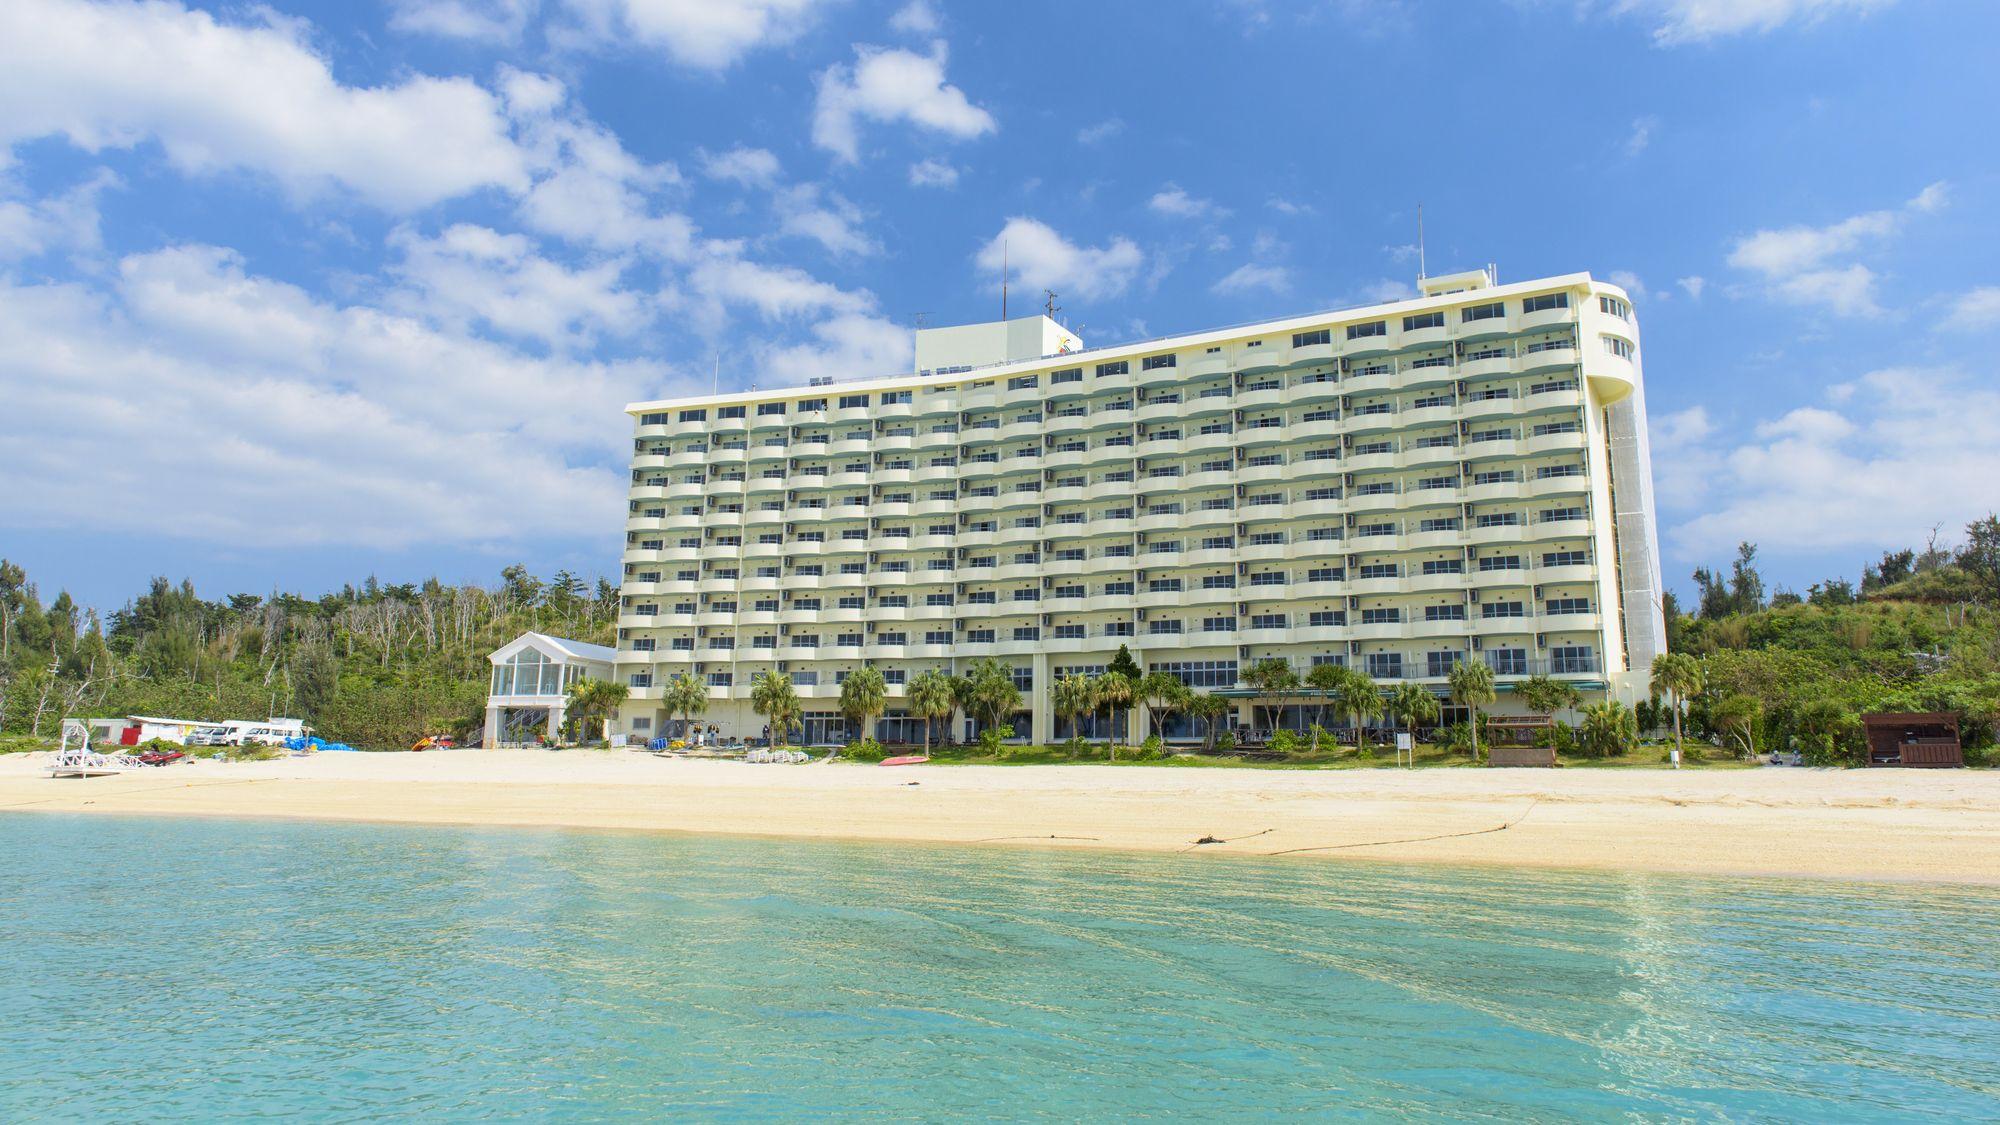 【沖縄セレクション】オーシャンビューのホテルでリゾート満喫♪(食事なし)